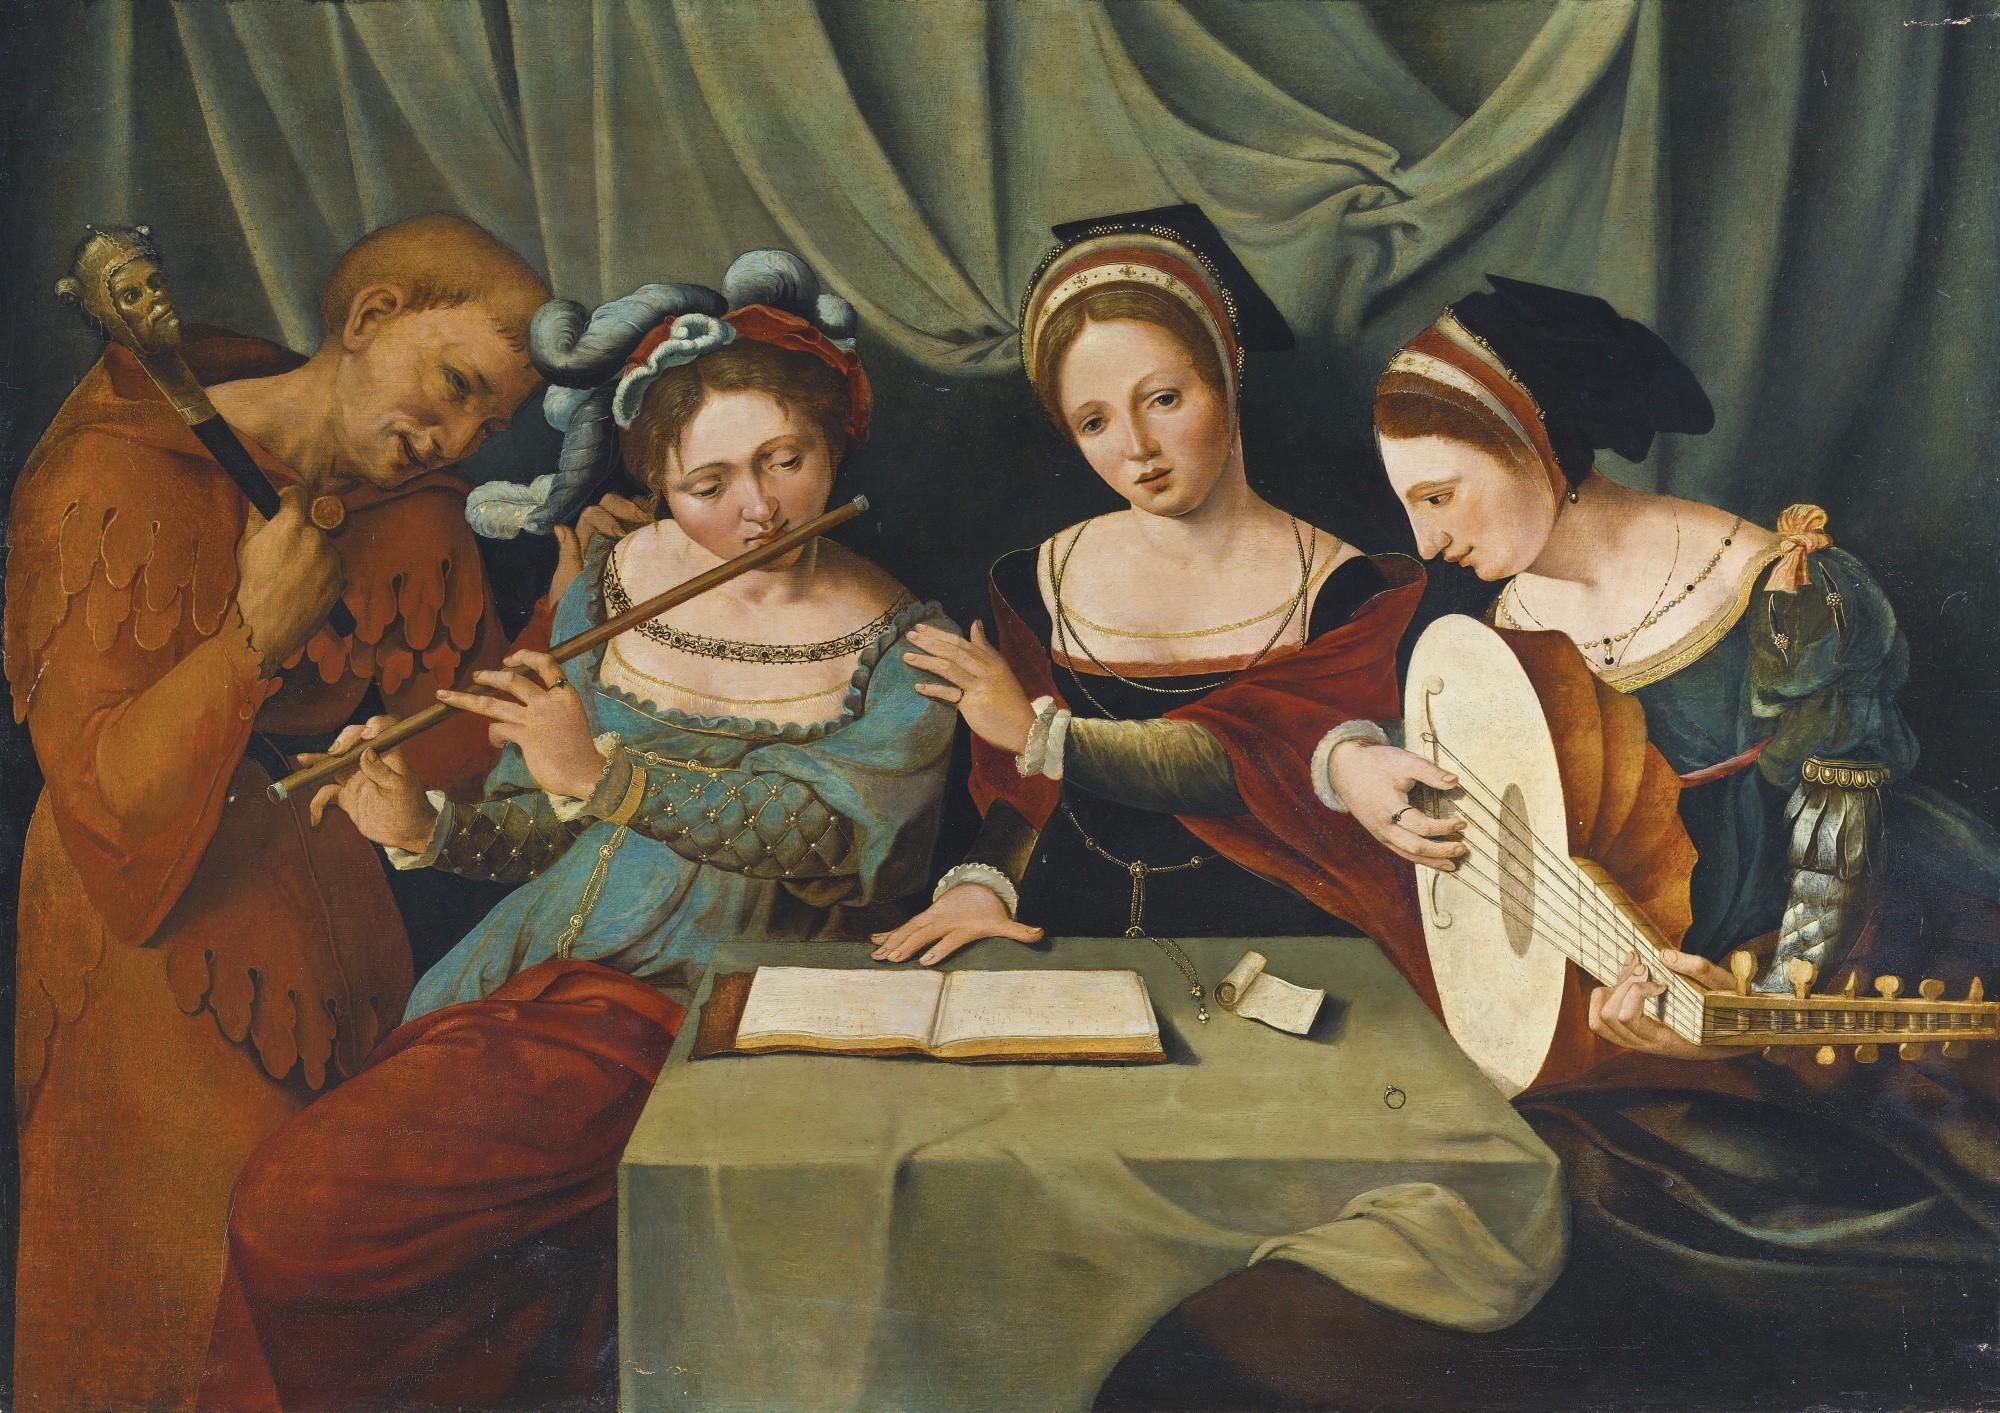 'Três jovens fazendo música com um bufão', obra do Mestre da figura média feminina (Foto: Wikimedia Commons)